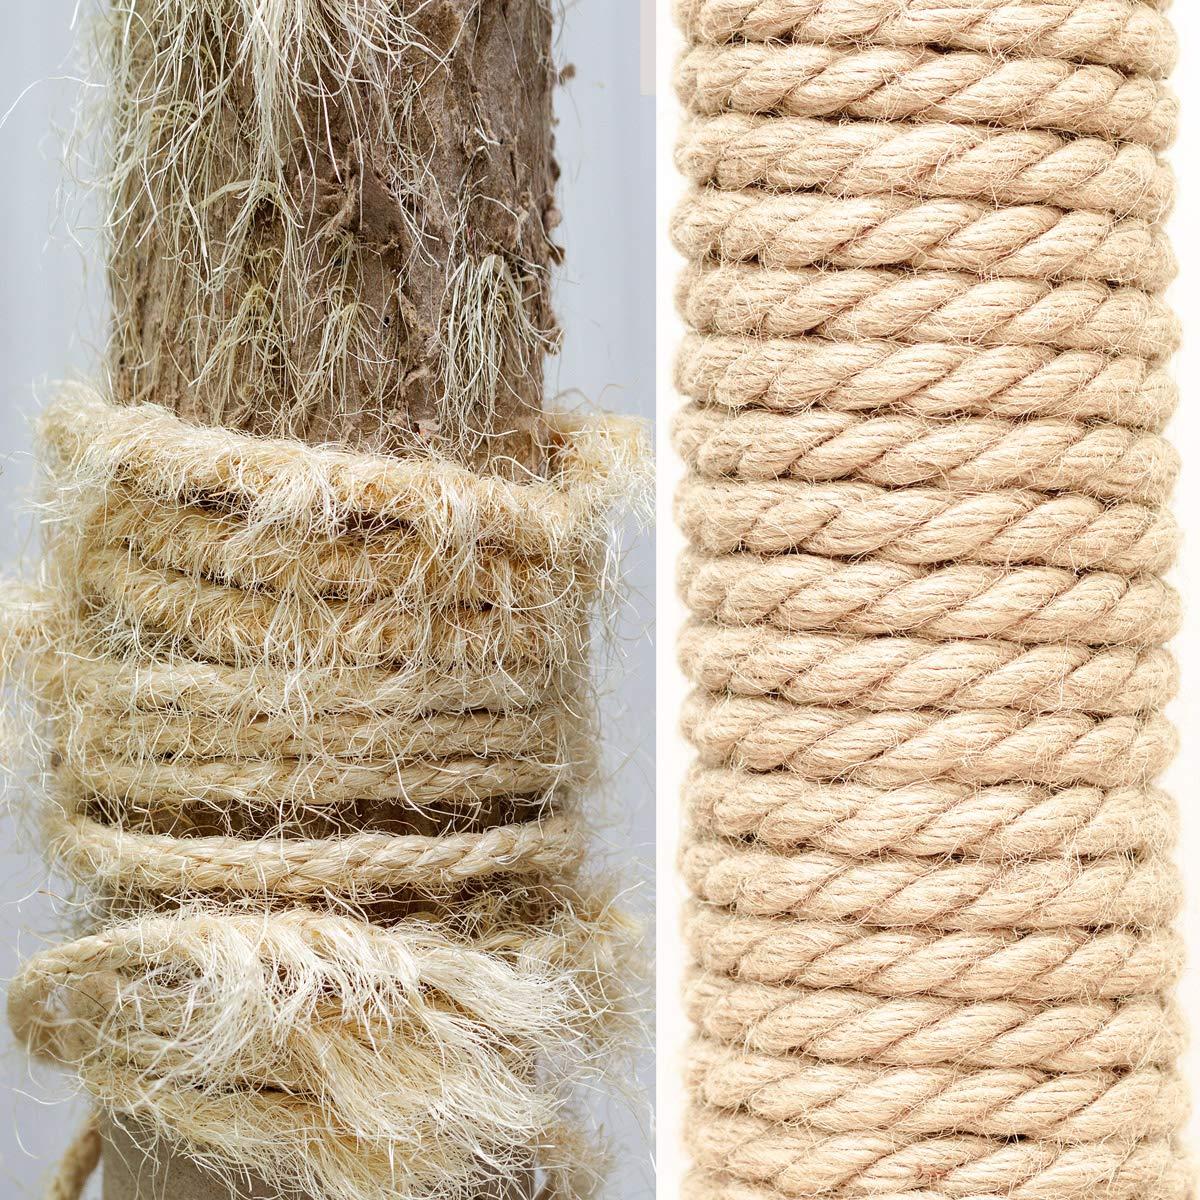 Seilwerk STANKE Cuerda de sisal rizada 25 m 10 mm Fibras naturales Cuerda natural Aparejo Rascador para gato: Amazon.es: Bricolaje y herramientas